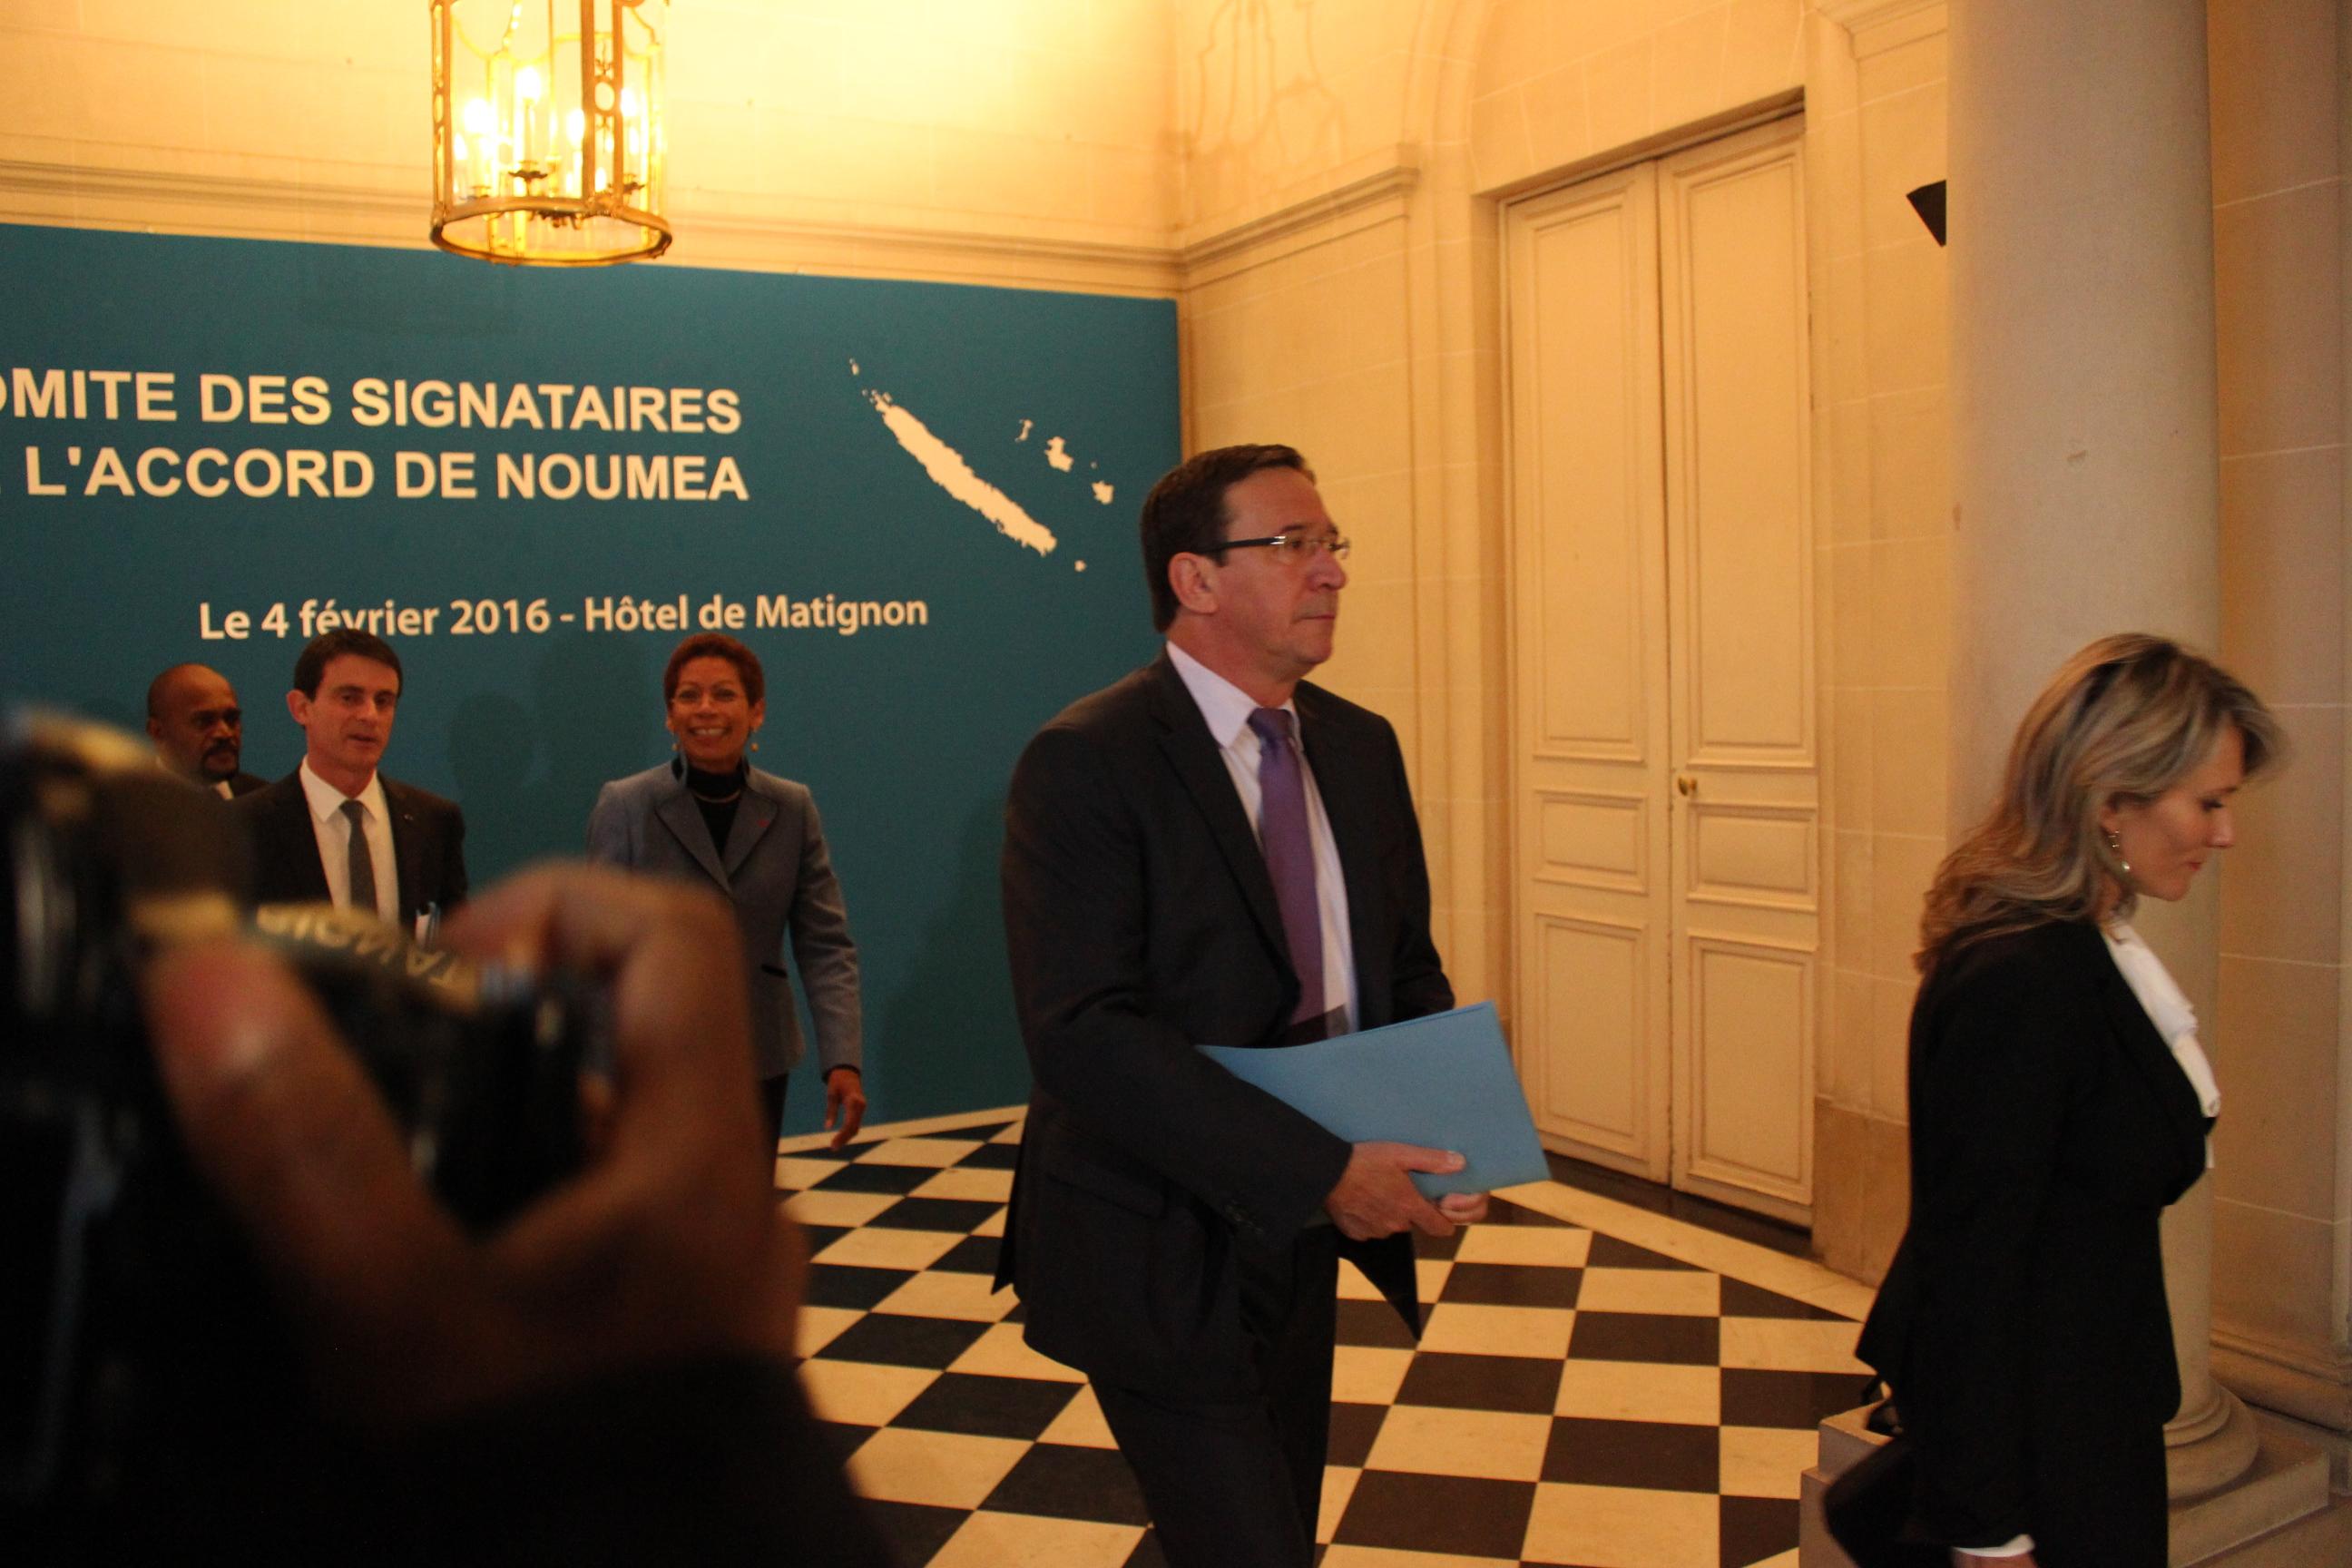 Philippe Gomes, député de la Nouvelle Calédonie et membre du CA d'Eramet, lors du dernier comité des signataires © Tenahe Faatau